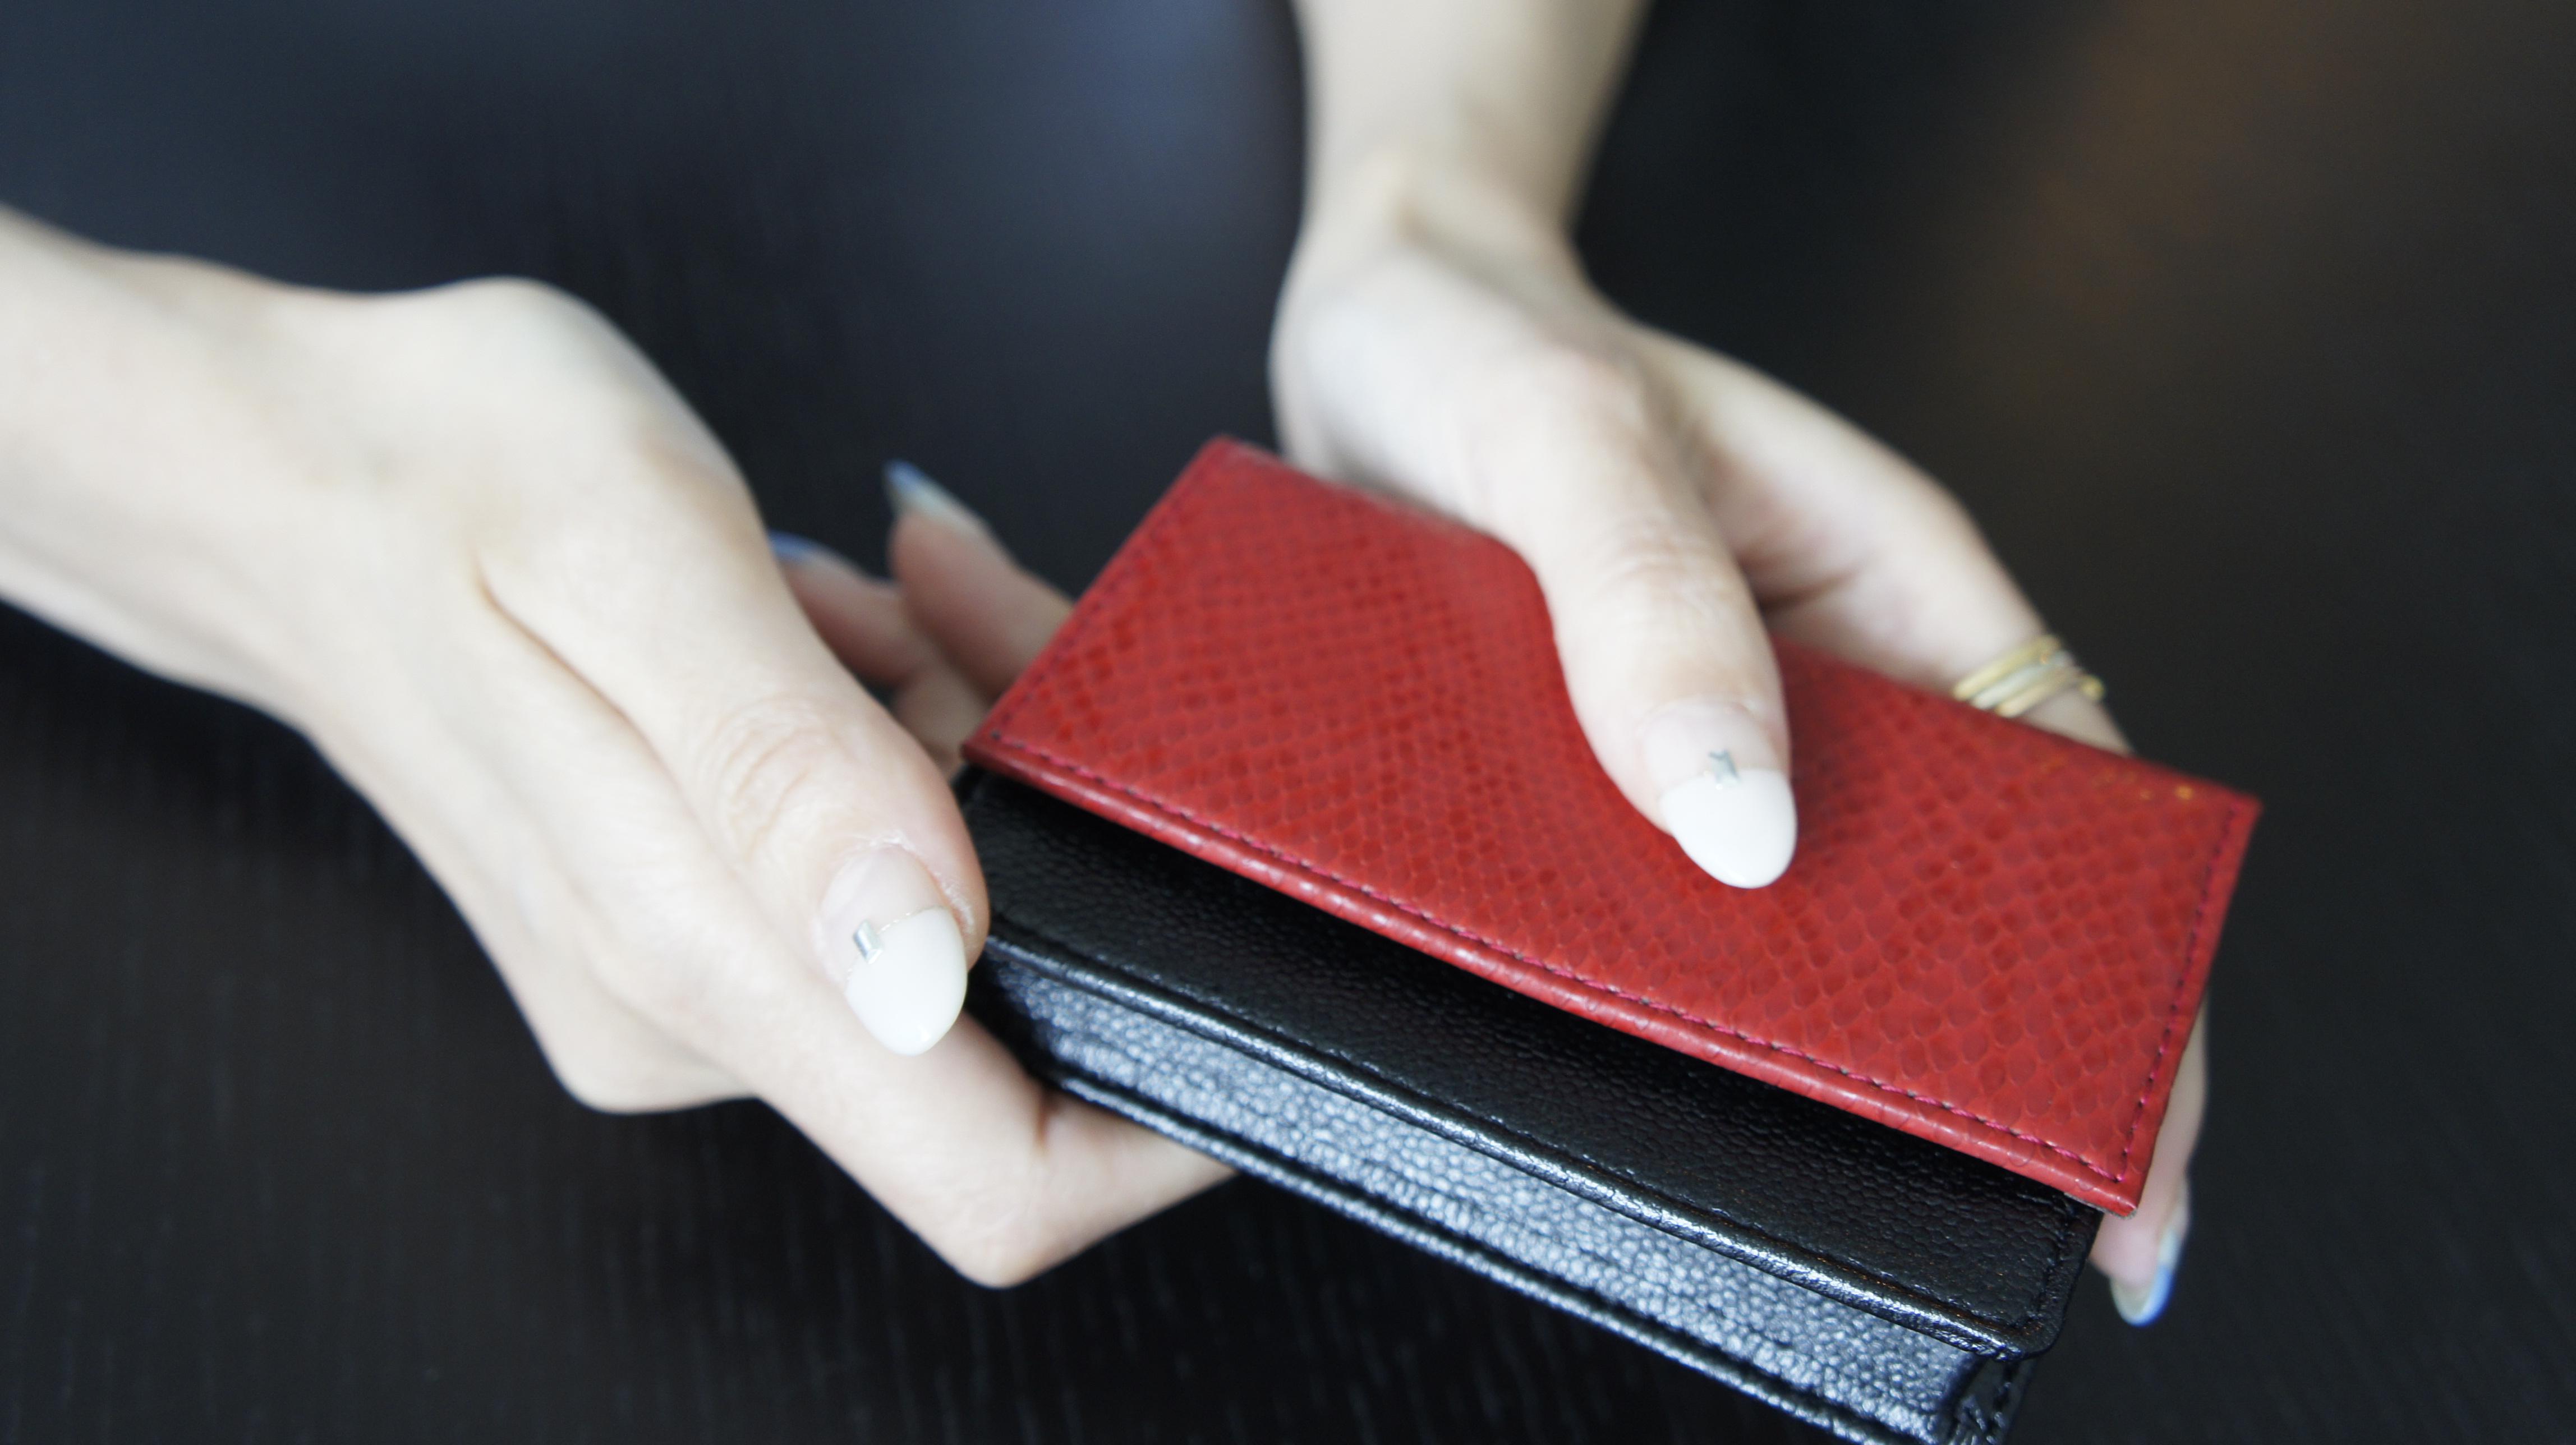 自身でプロデュースした「FUMI KODA」の名刺入れ。手にすっと馴染む上質な人工皮革を使用している。